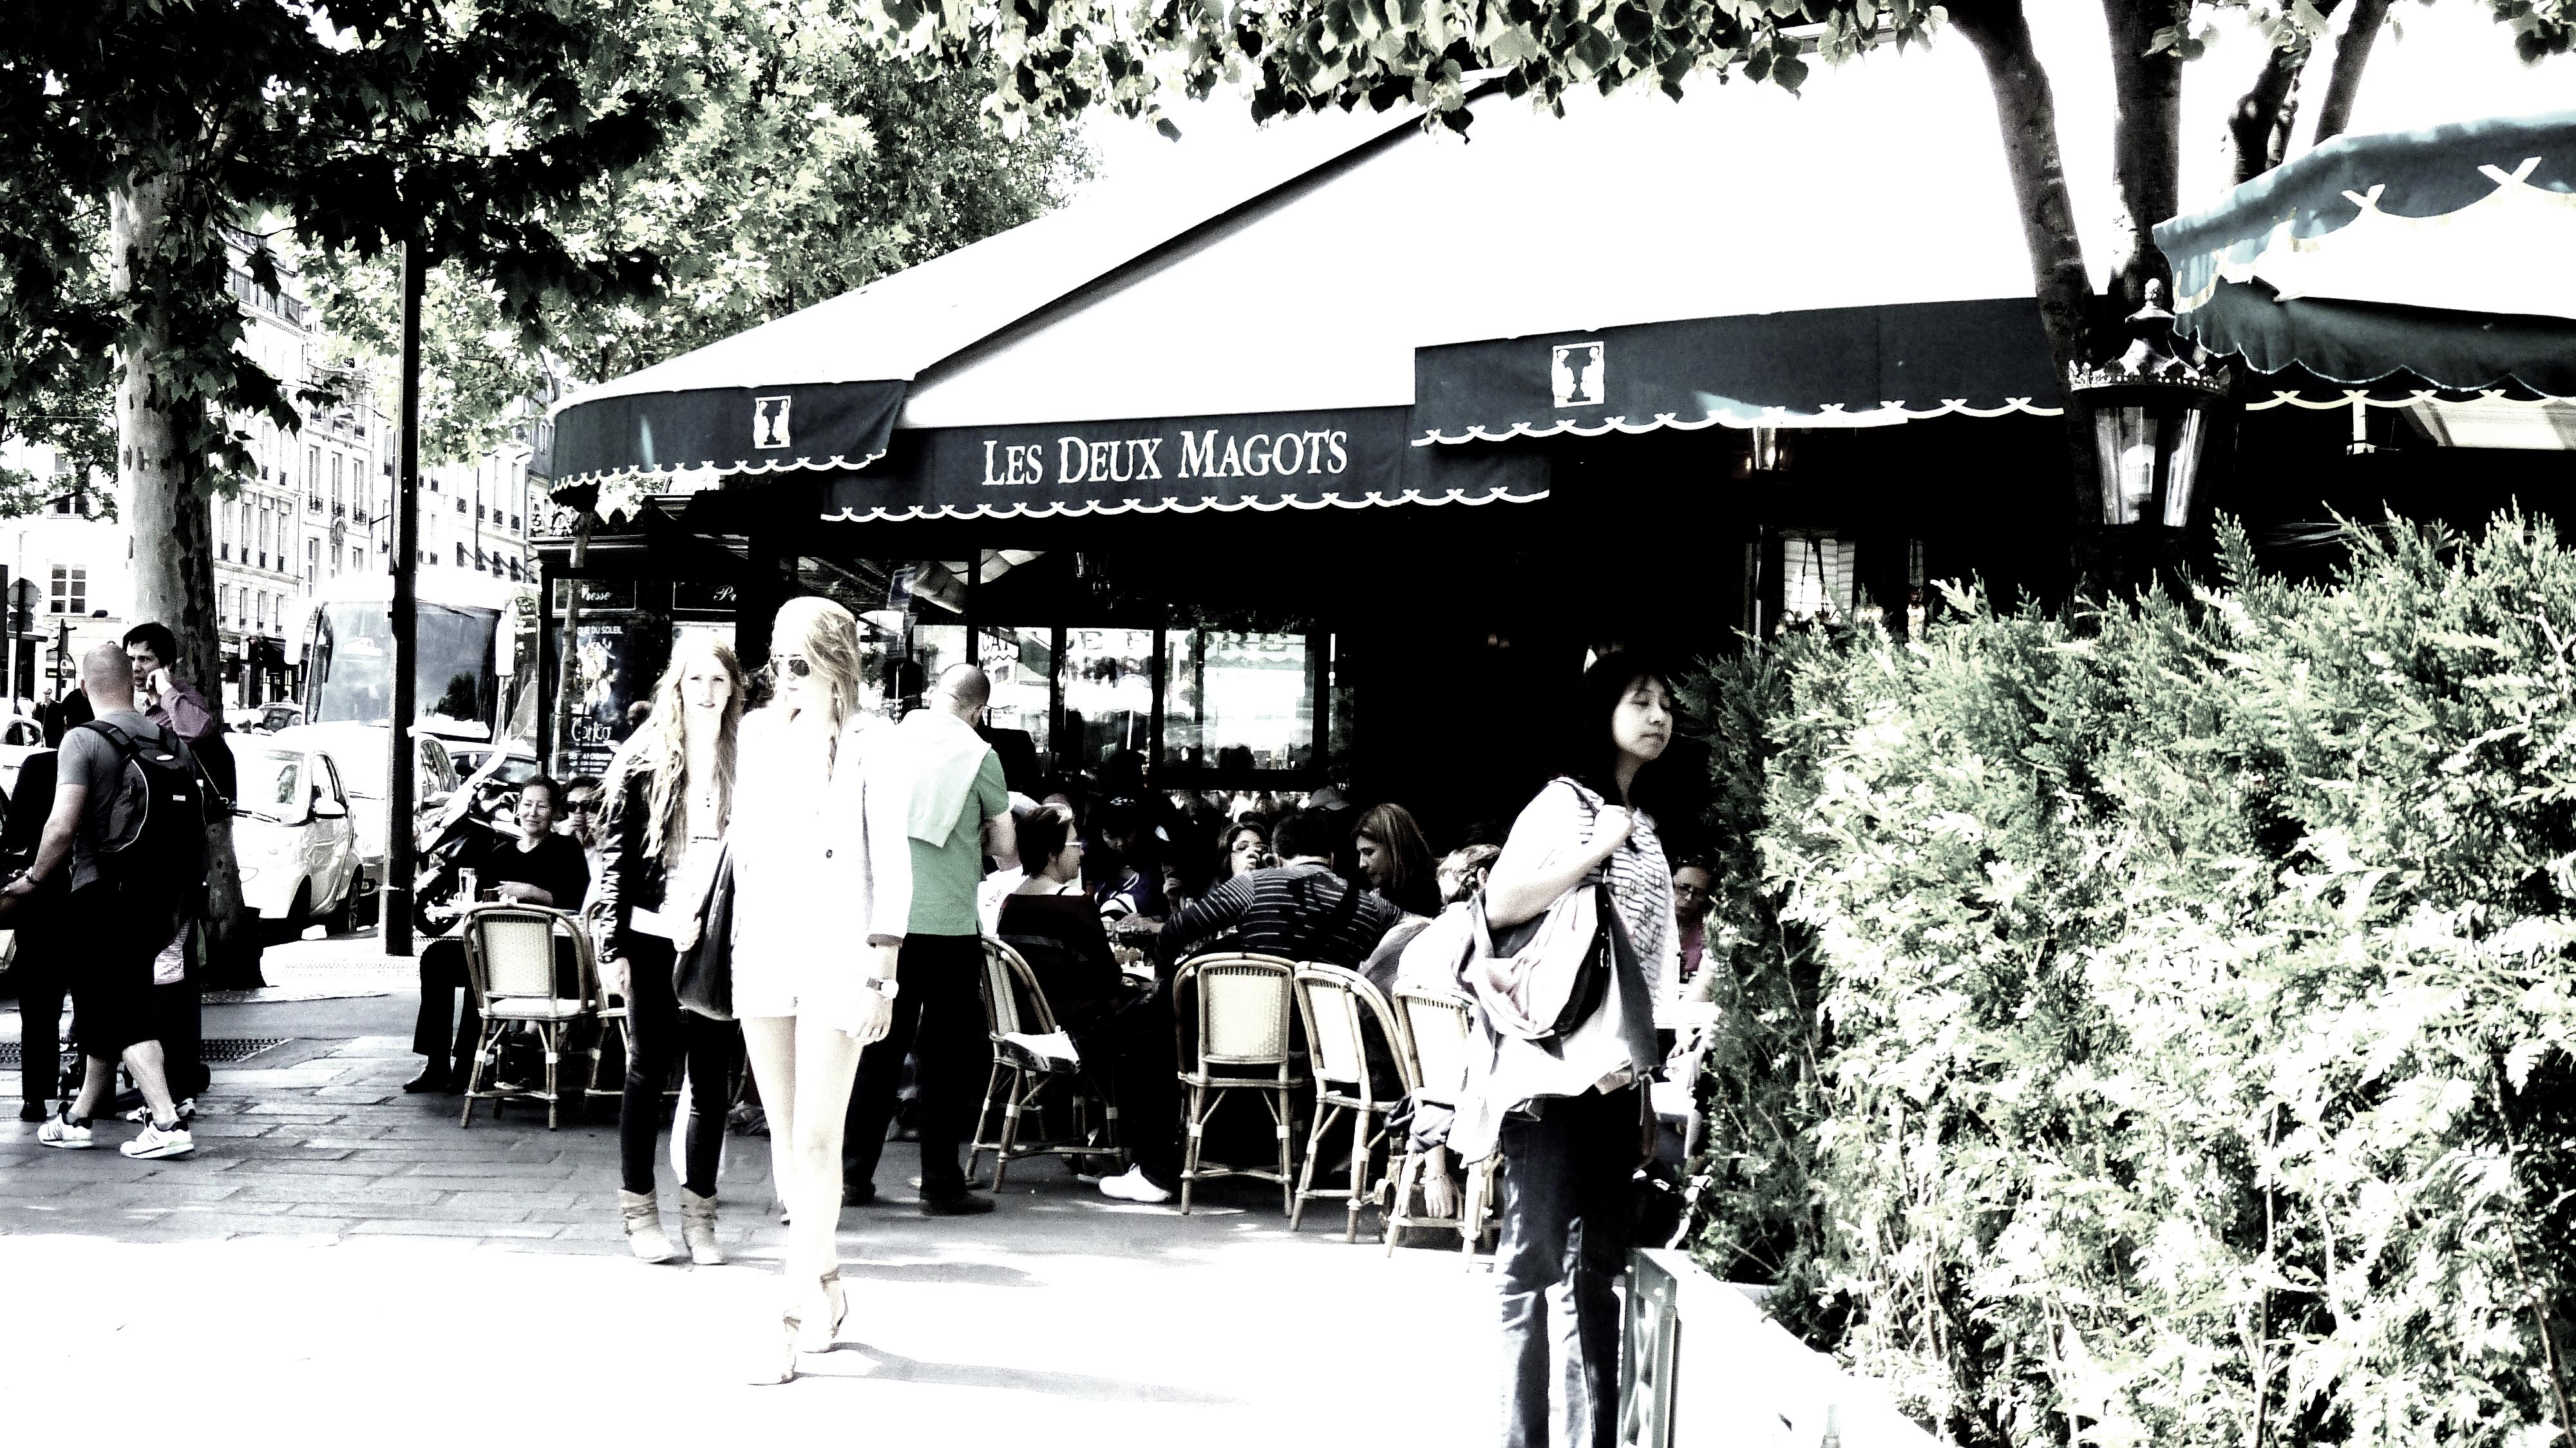 Les Deux Magots, Paris, France